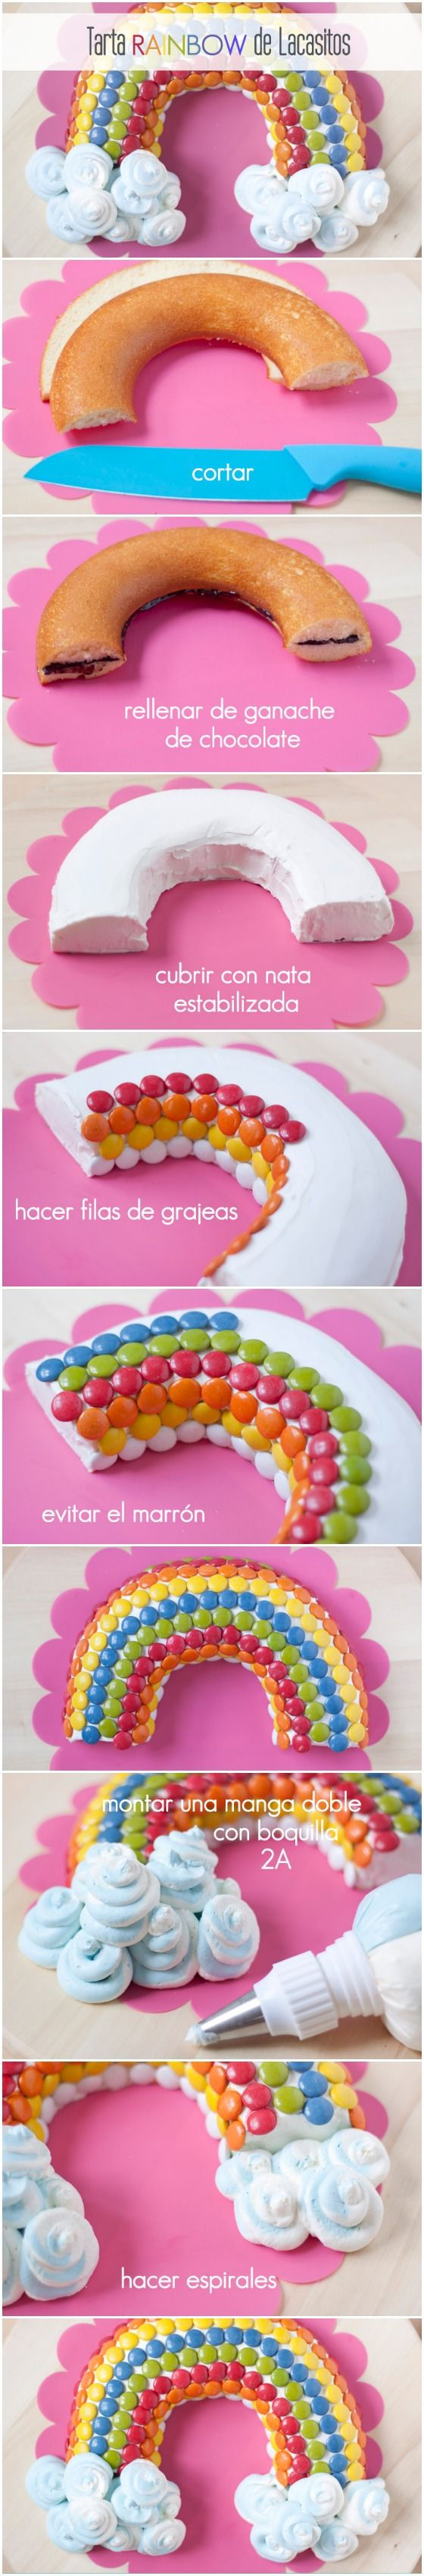 Fototutorial para hacer una tarta arco iris de lacasitos, fácil, colorida y muy vistosa! http://www.azucarillosdecolores.com/2014/09/tarta-rainbow-de-lacasitos.html